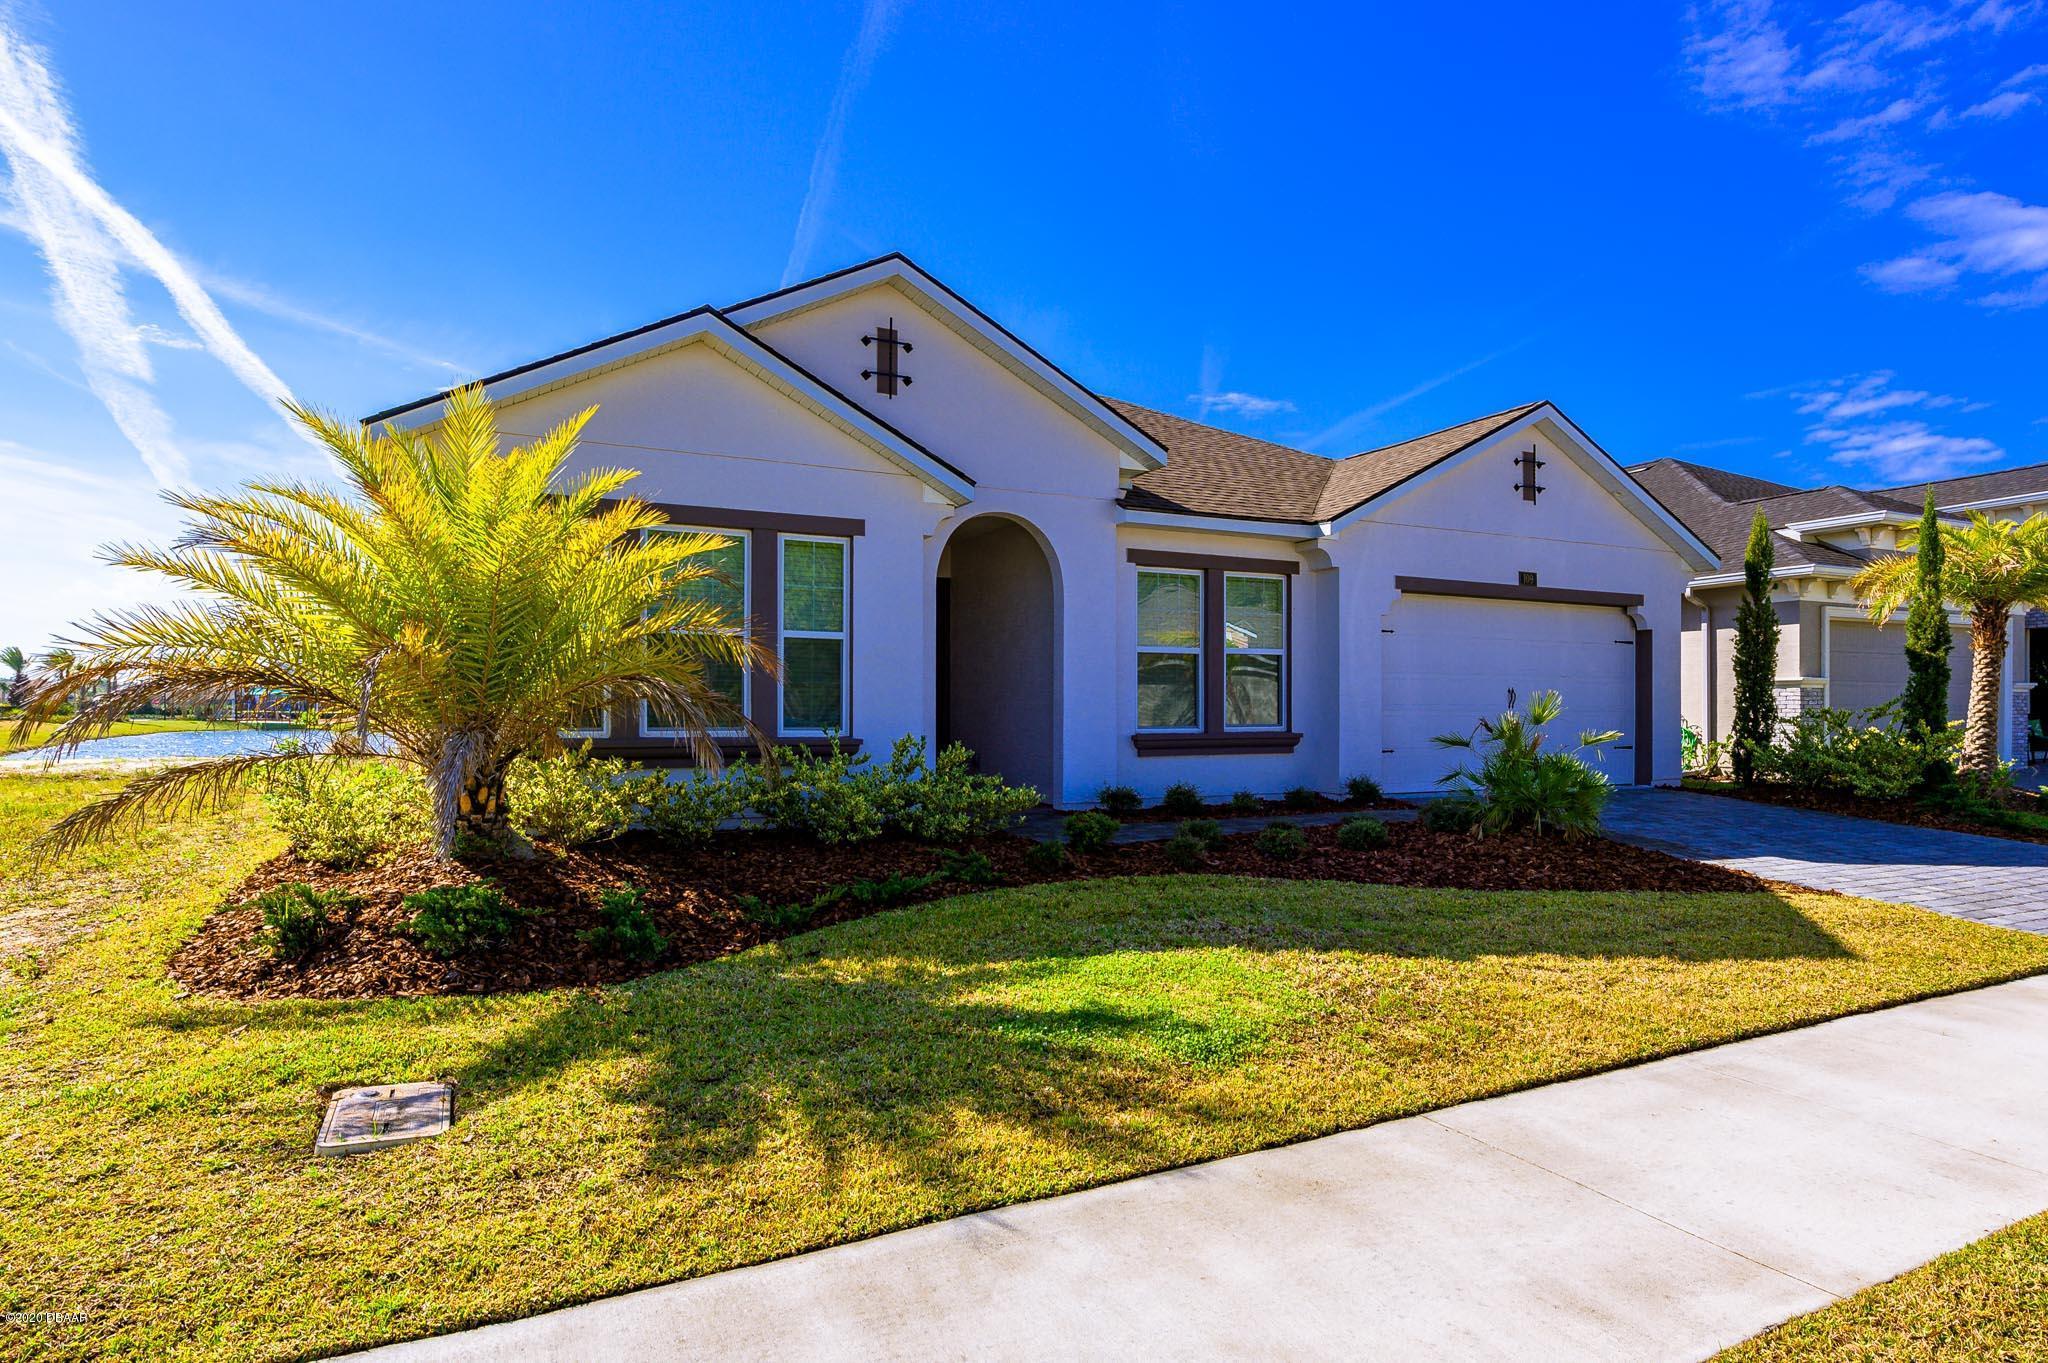 109 Cerise Court, South Daytona, Florida